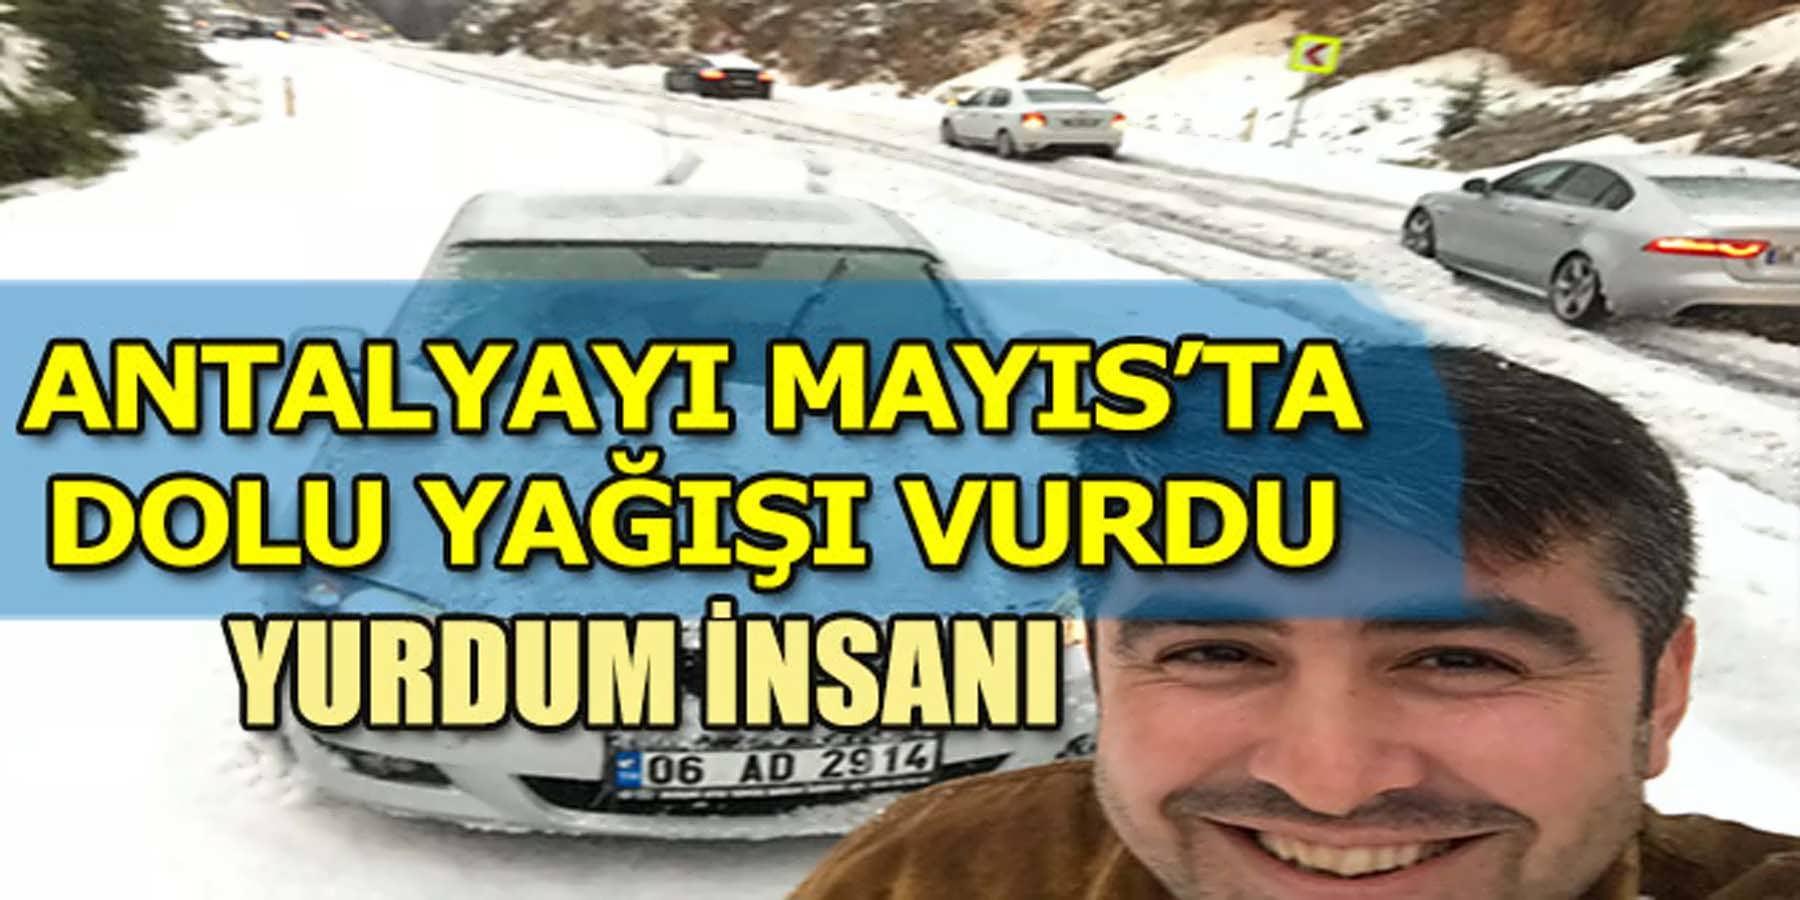 Antalya'yı Mayıs Ayında Dolu Vurdu. Yurdum İnsanı